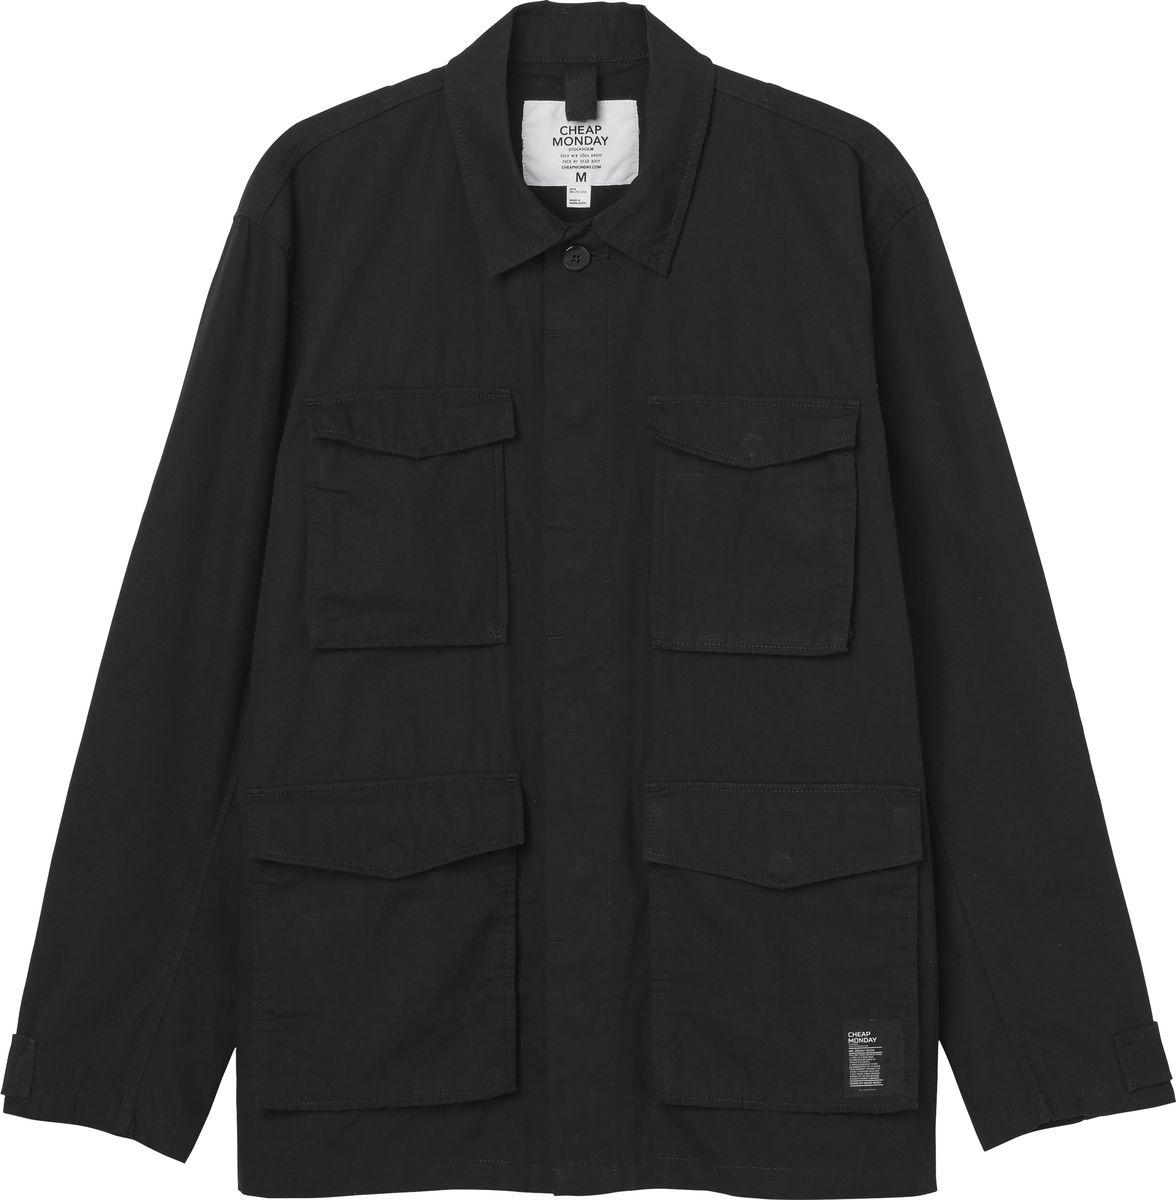 Куртка мужская Cheap Monday, цвет: черный. 0506156. Размер M (48)0506156_BLACKКуртка мужская Cheap Monday выполнена из натурального хлопка. Модель с отложным воротником и длинными рукавами спереди дополнена накладными карманами с клапанами.